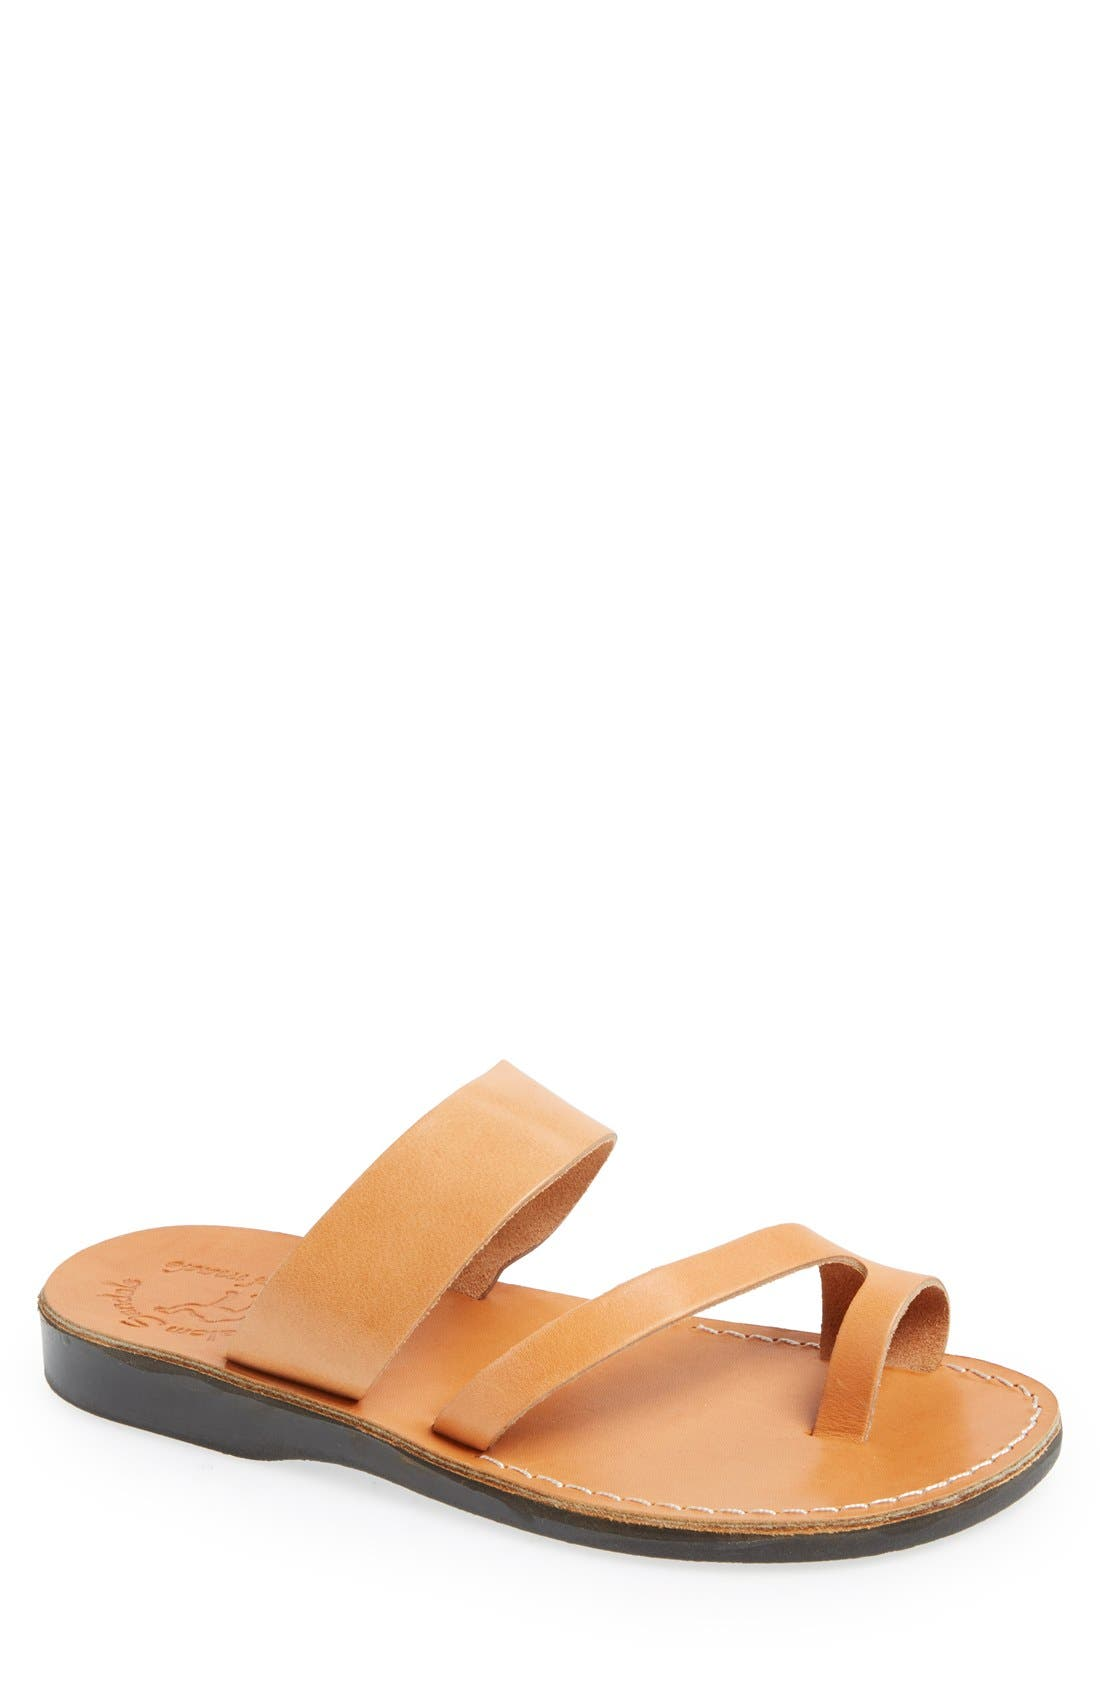 'Zohar' Leather Sandal,                             Main thumbnail 1, color,                             Tan